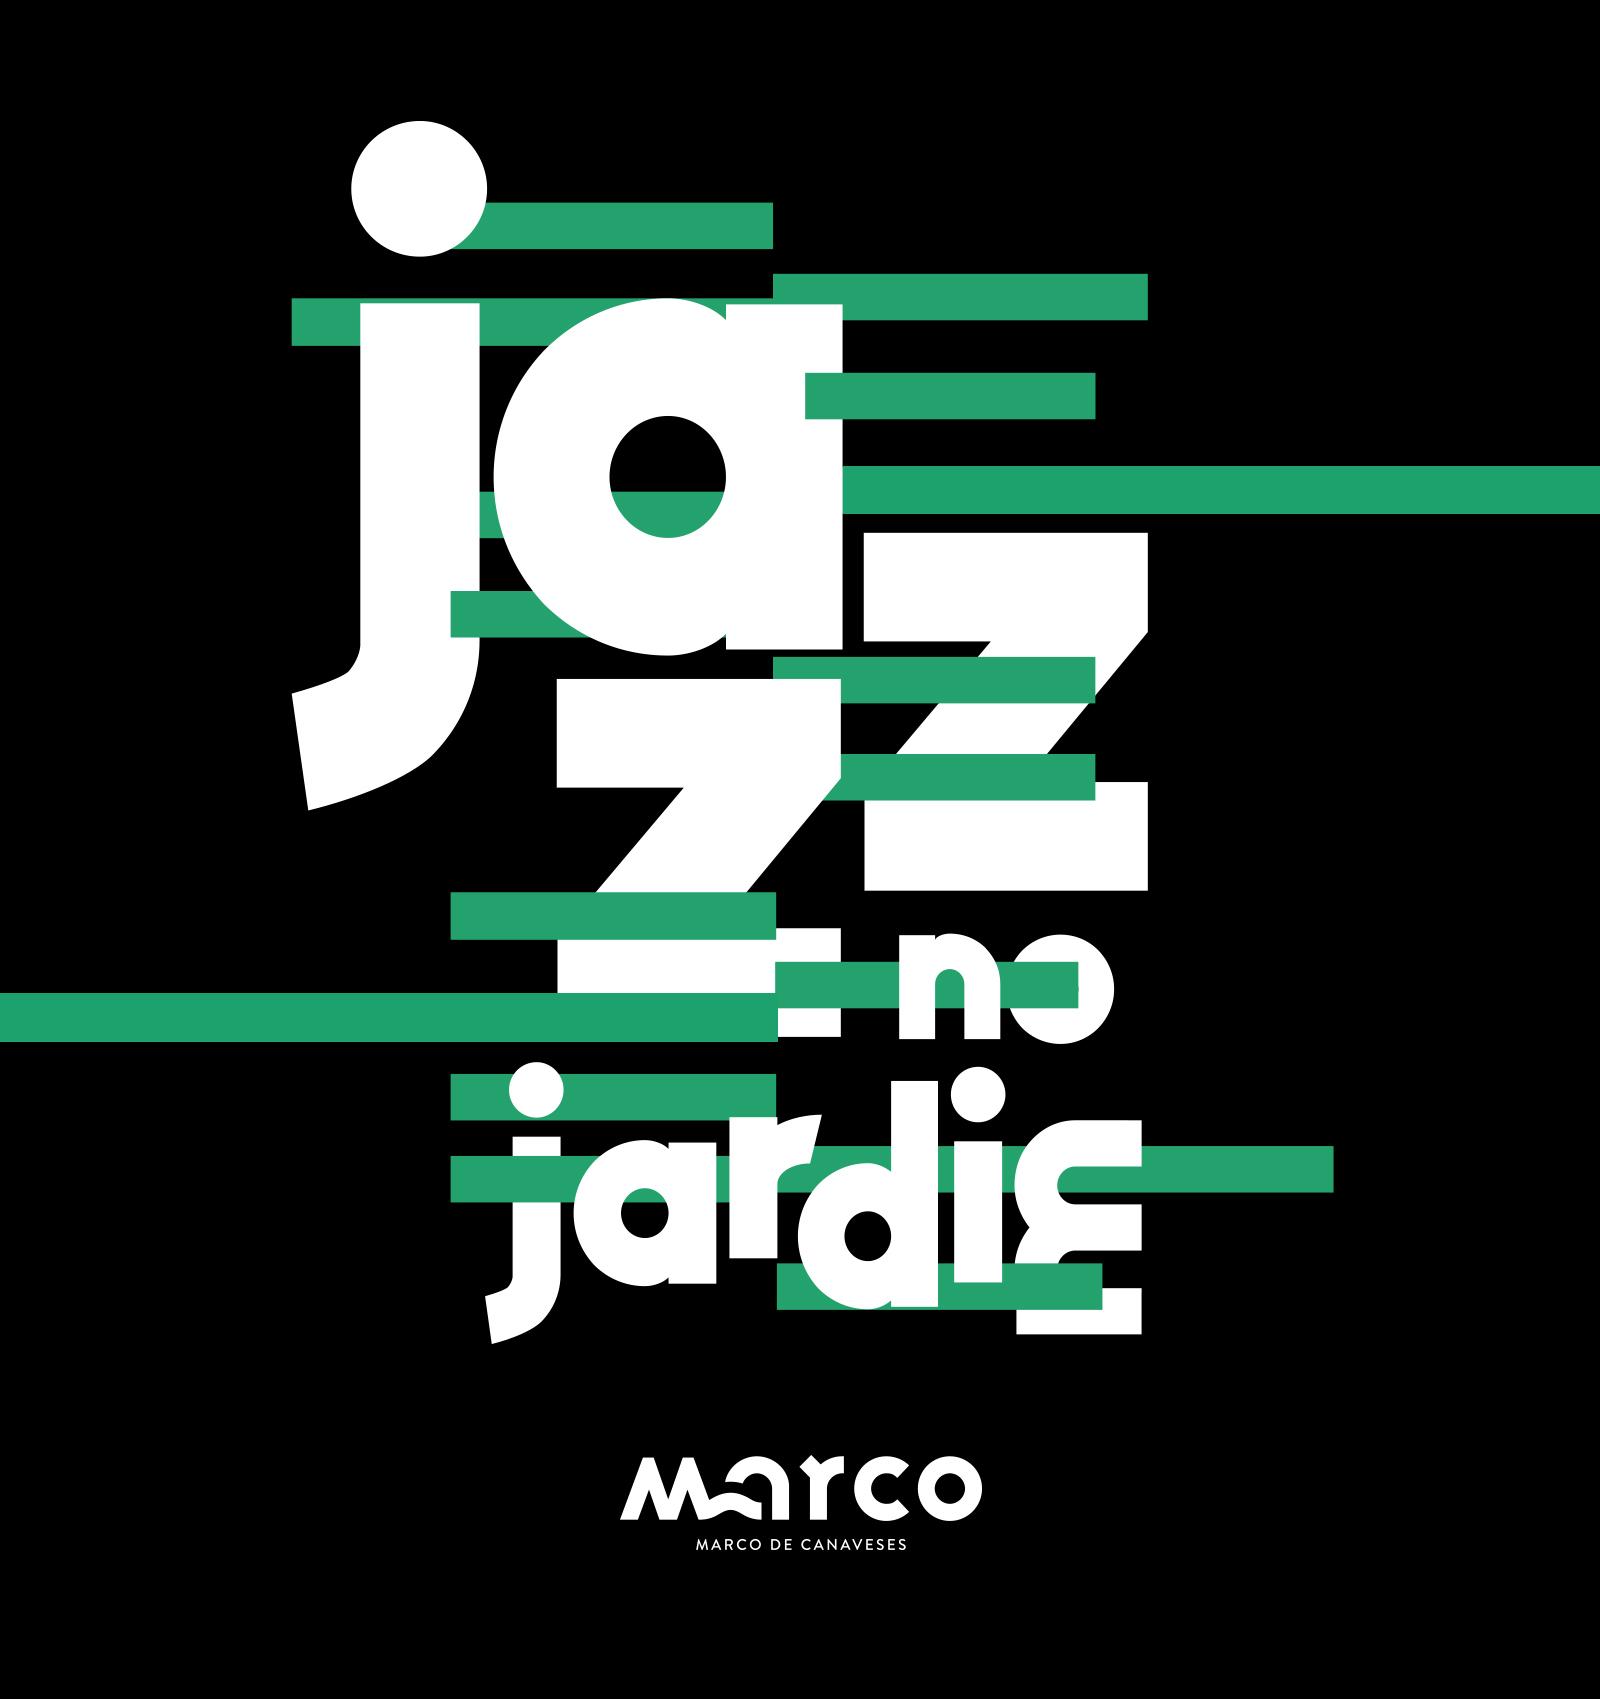 Jazz no Jardim em Marco de Canaveses 2019